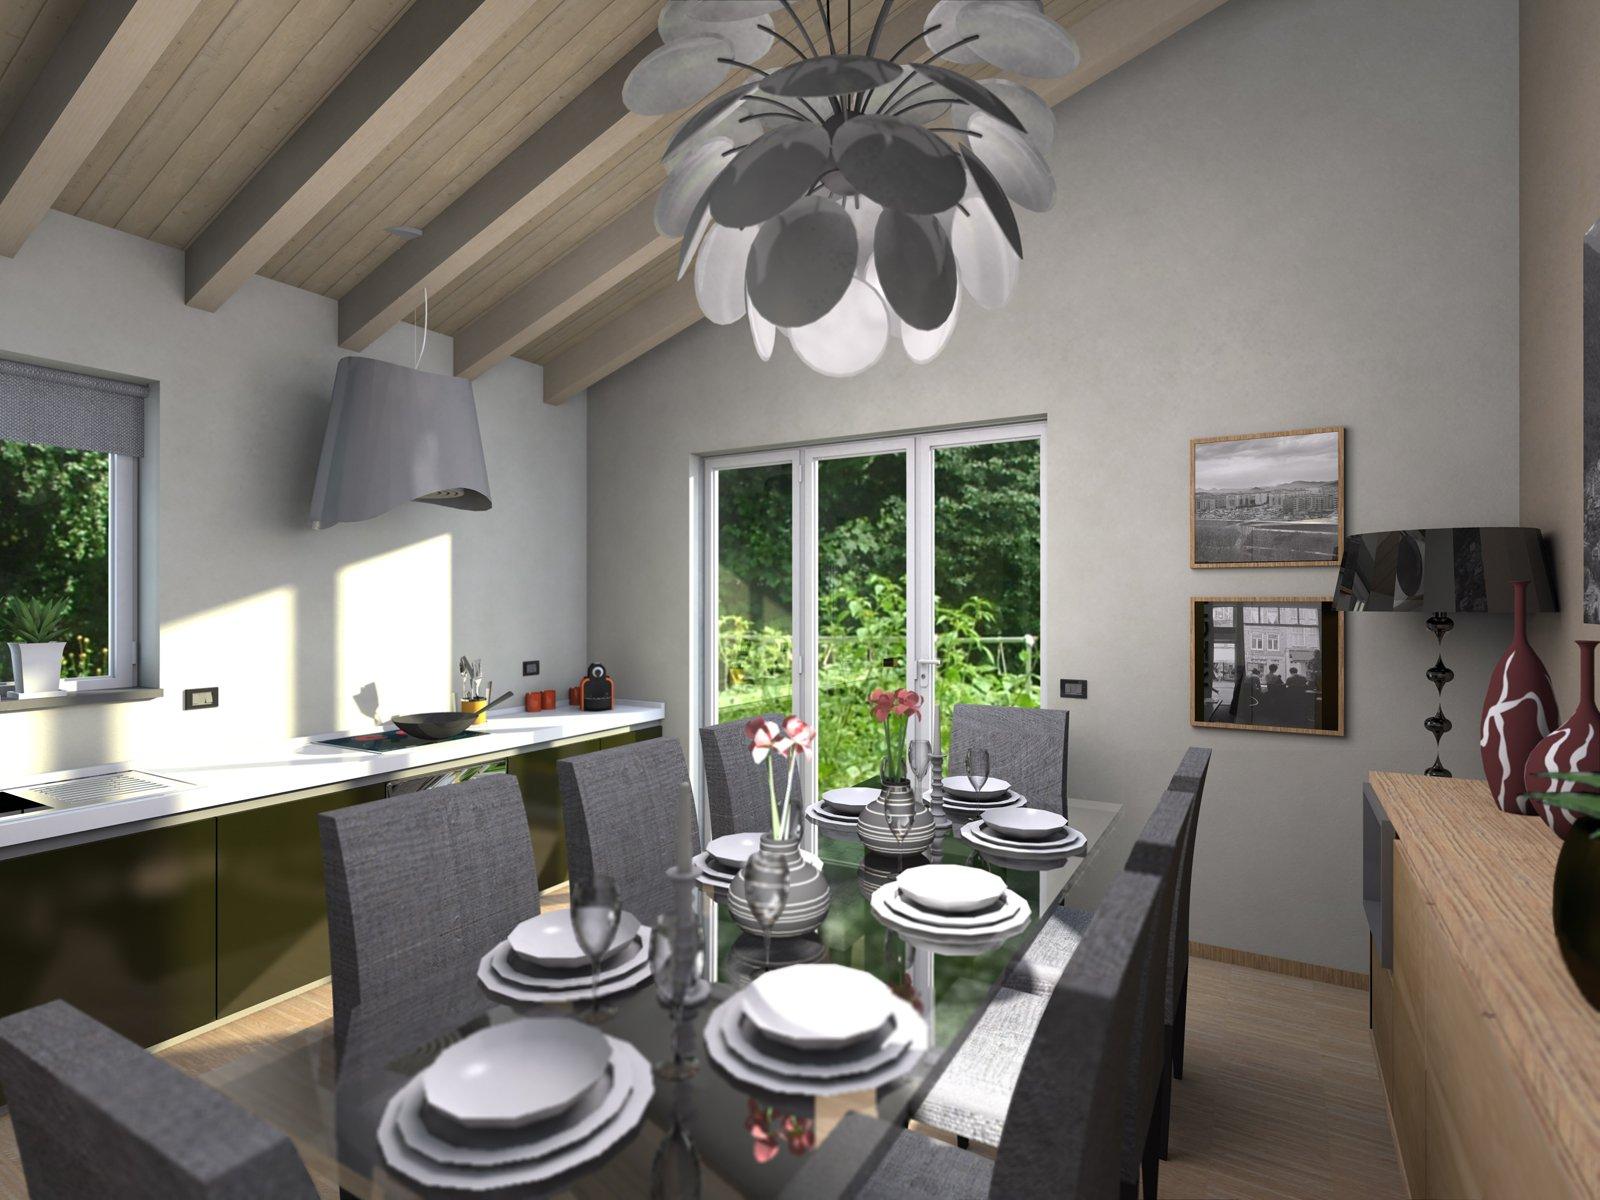 Consiglio architetto render soluzione1 2 cose di casa for Consigli architetto